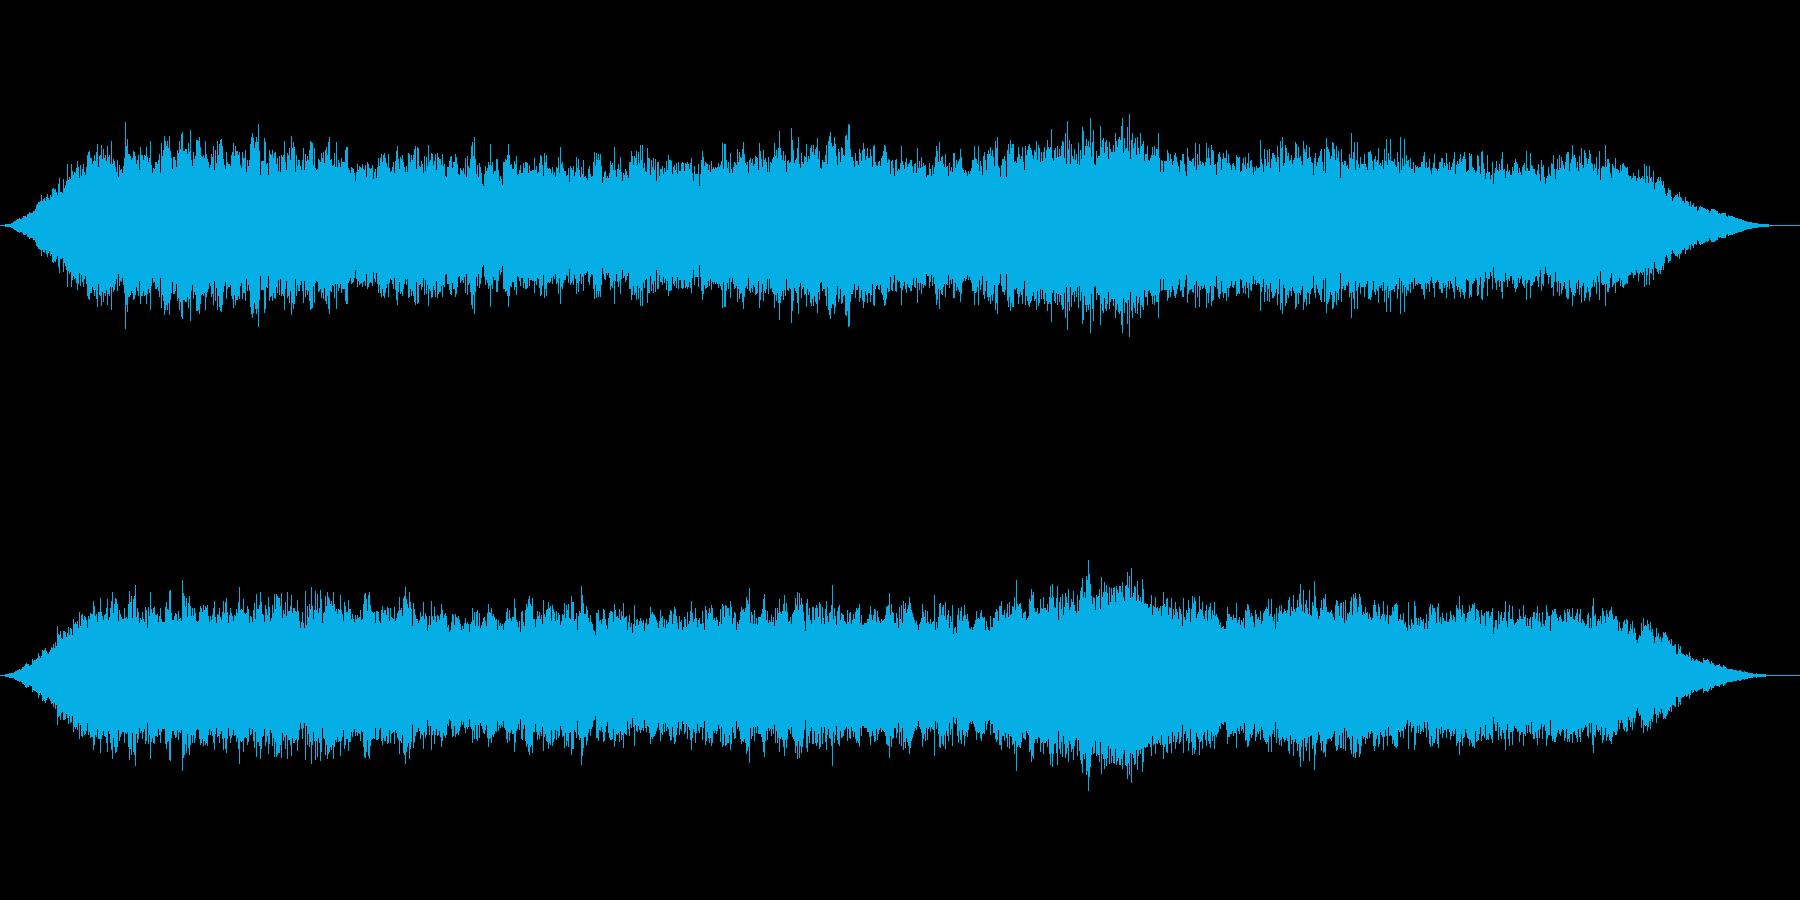 神秘的な雰囲気のアンビエント背景音10の再生済みの波形